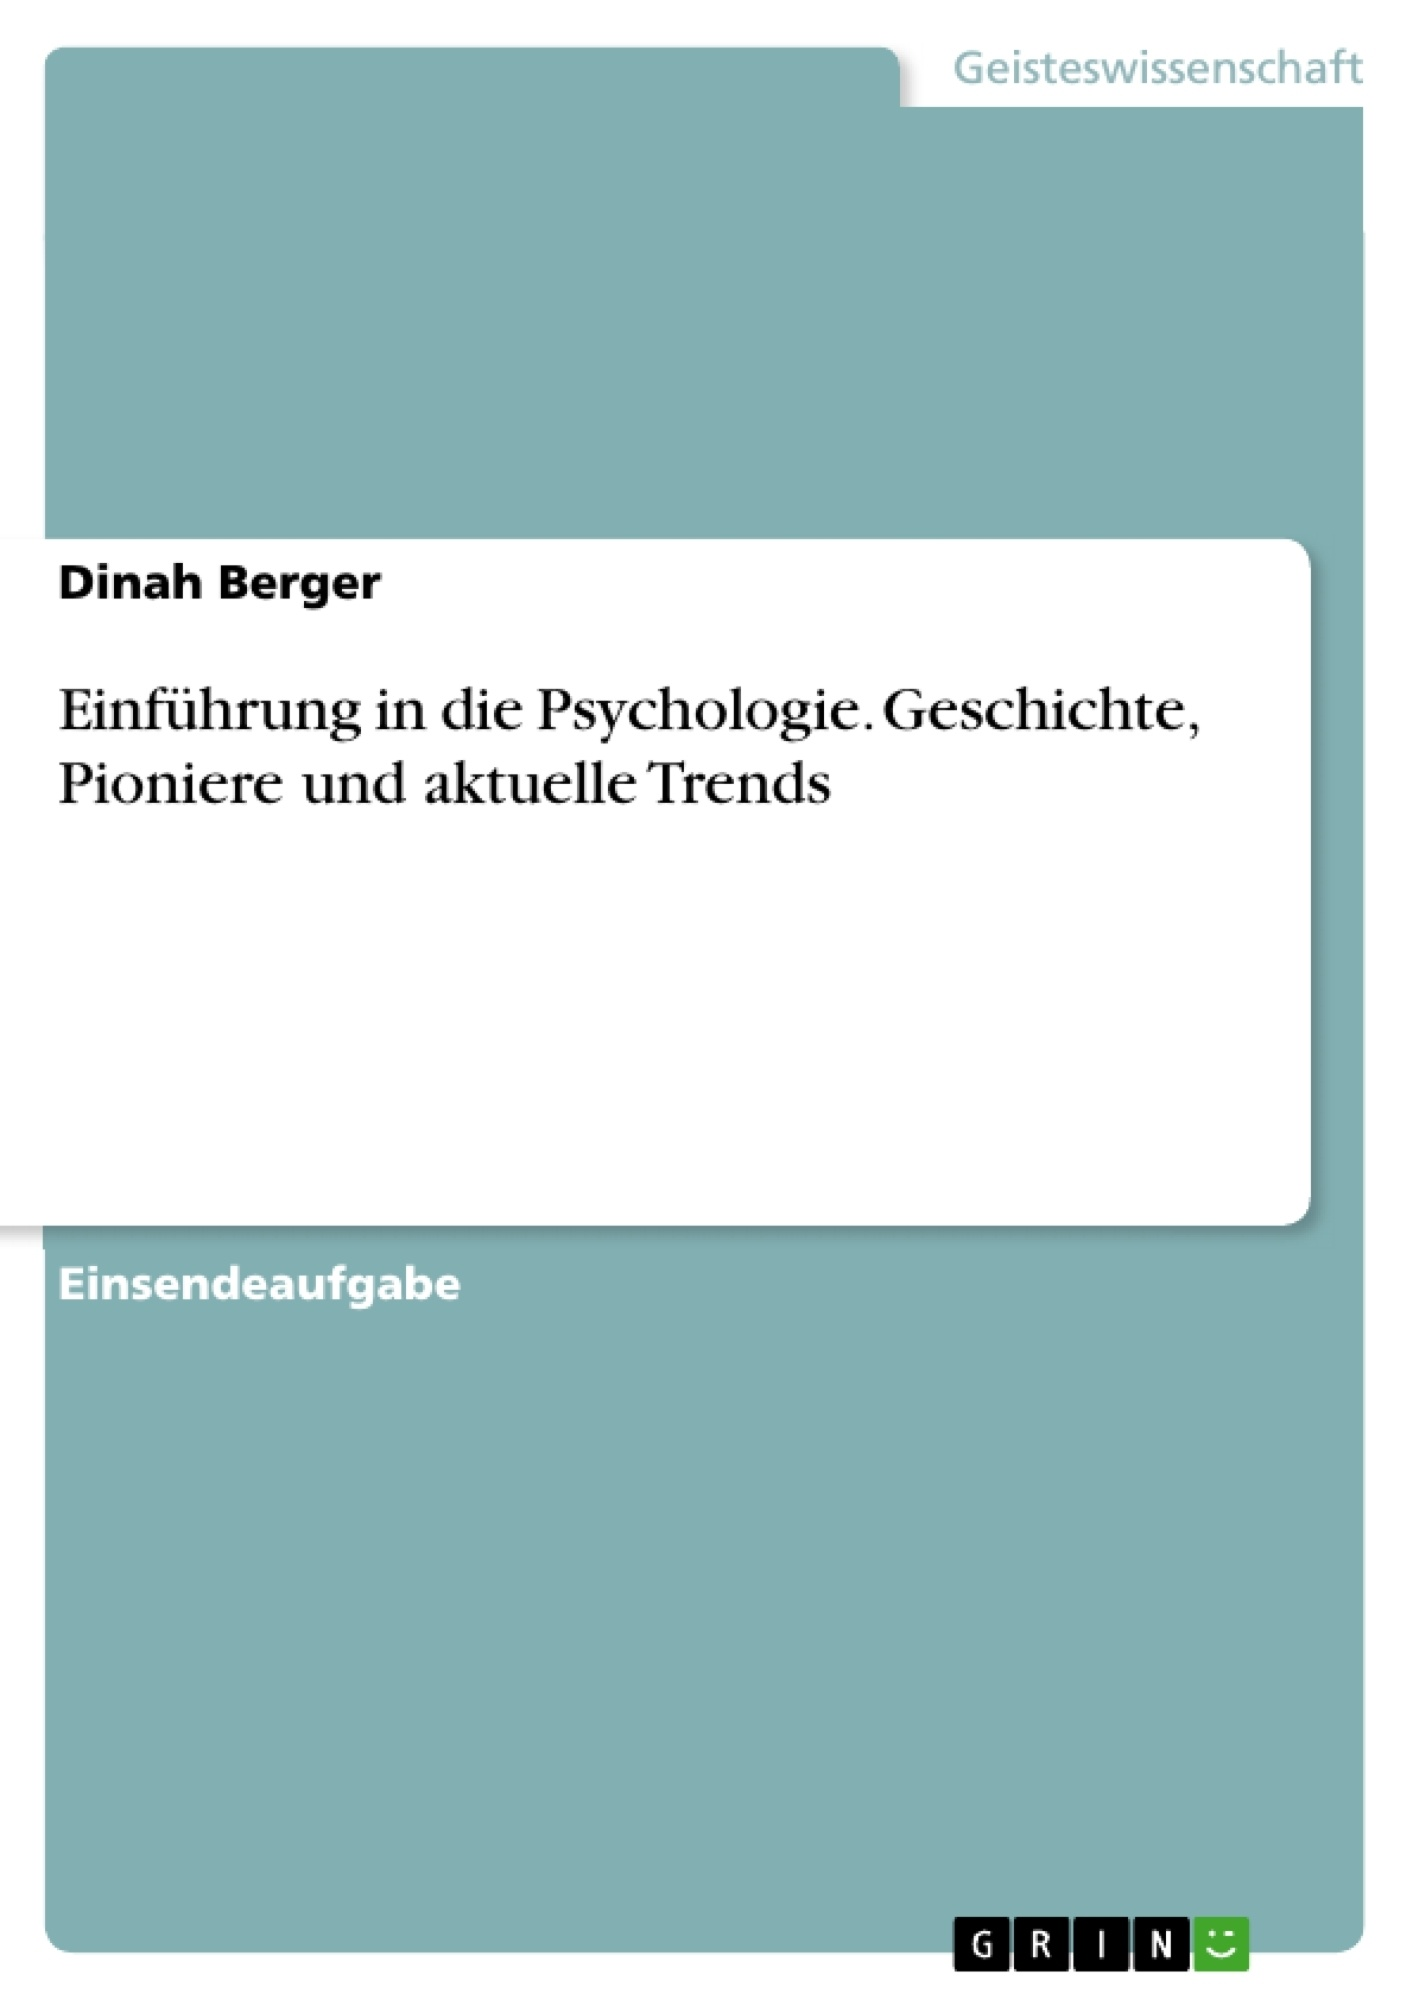 Titel: Einführung in die Psychologie. Geschichte, Pioniere und aktuelle Trends